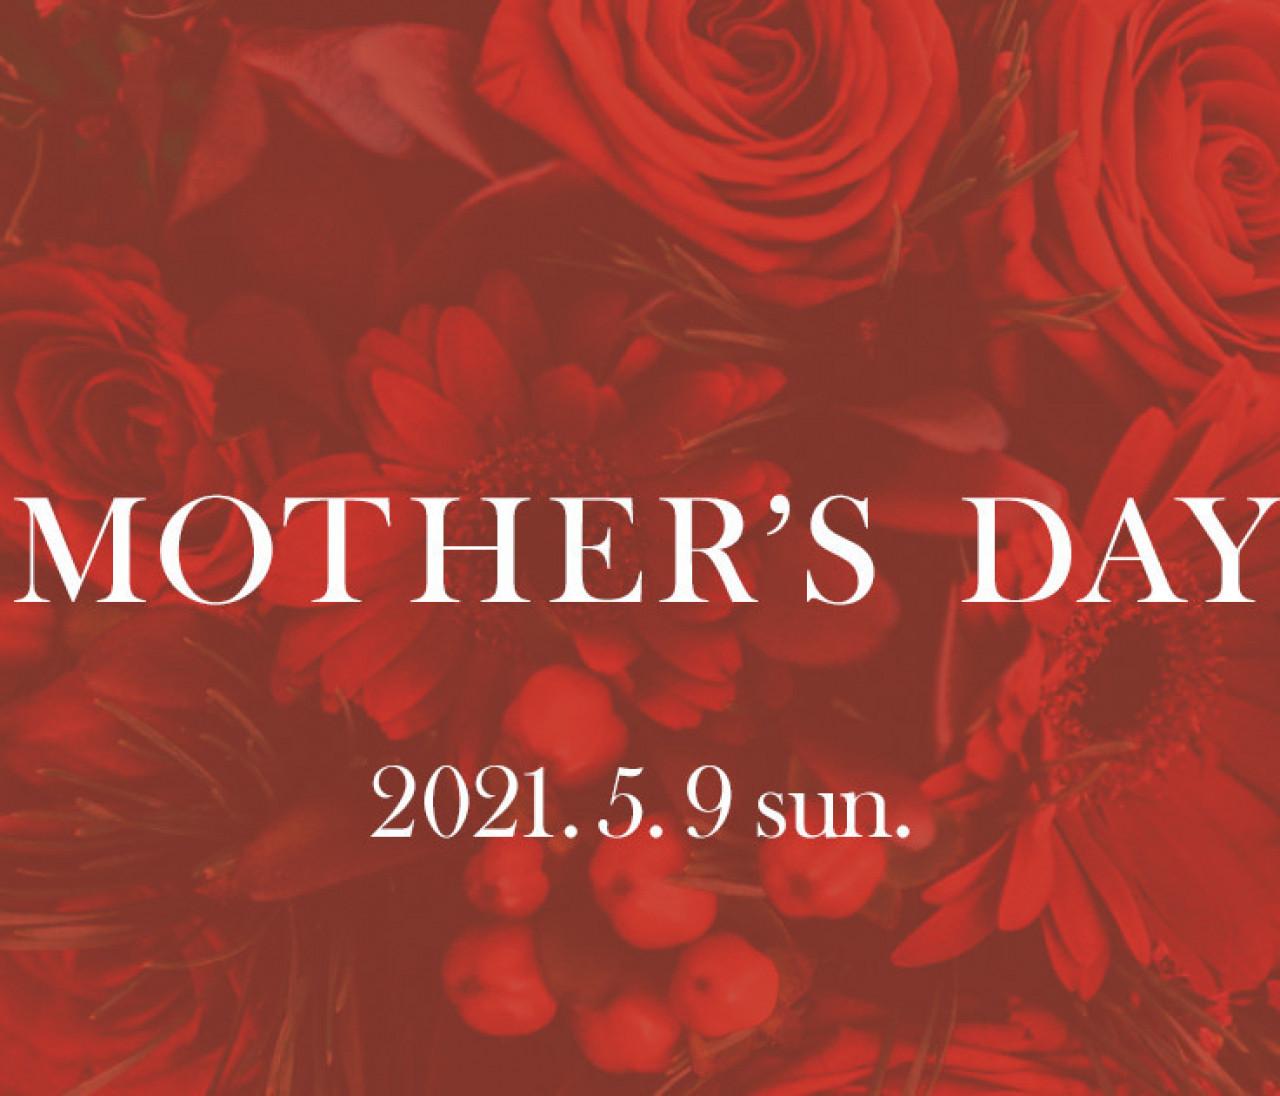 【「giftee」の選べる母の日eギフト】相手が自由に選べるプレゼントでお母さんに感謝の気持ちを♡